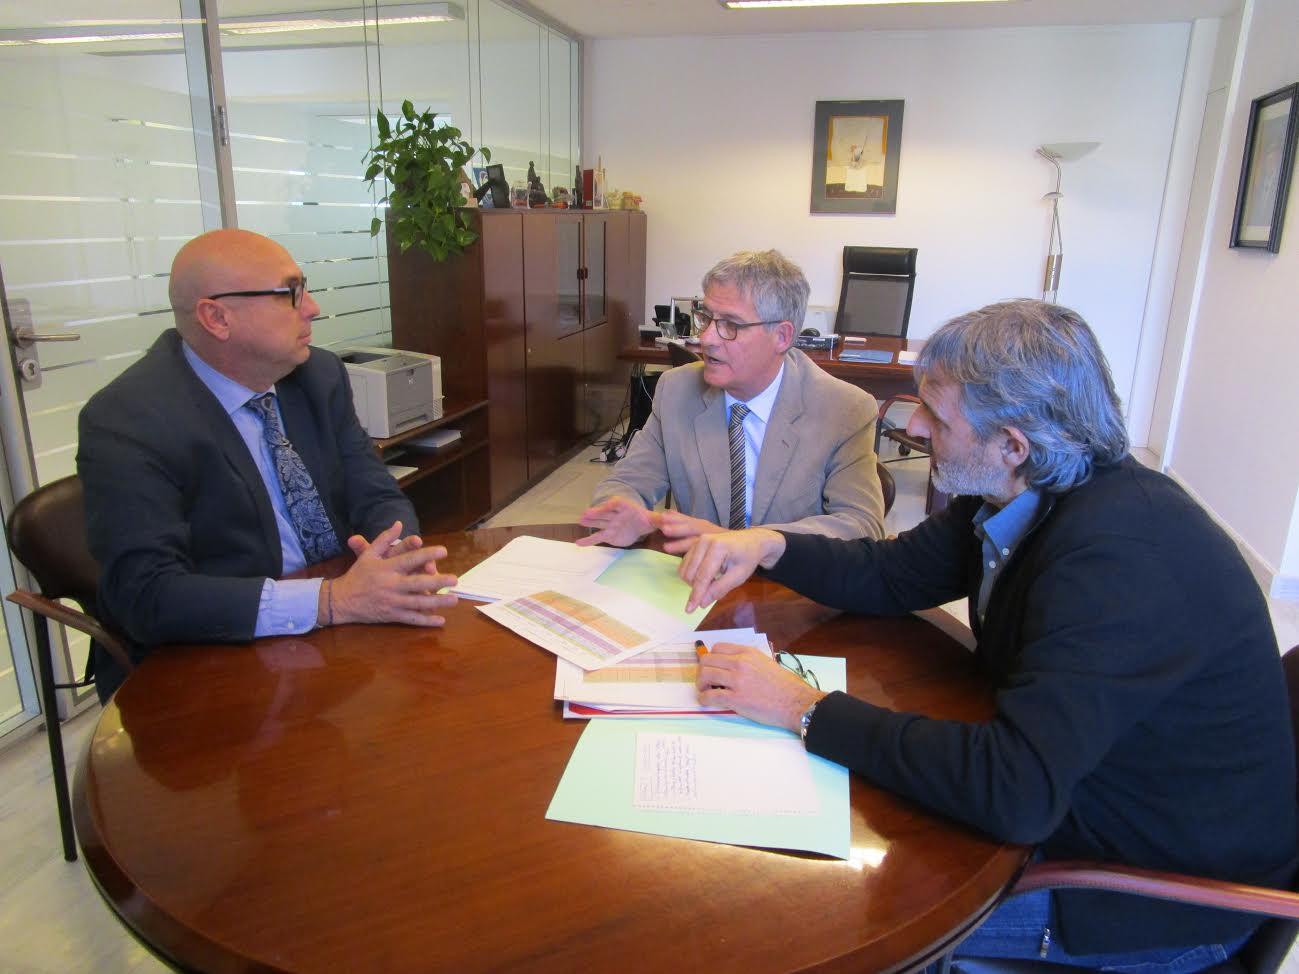 El Consell gestionarà 10 actuacions subvencionades pel pla FEDER que generaran 1,8 MEUR d'inversió pública a la comarca